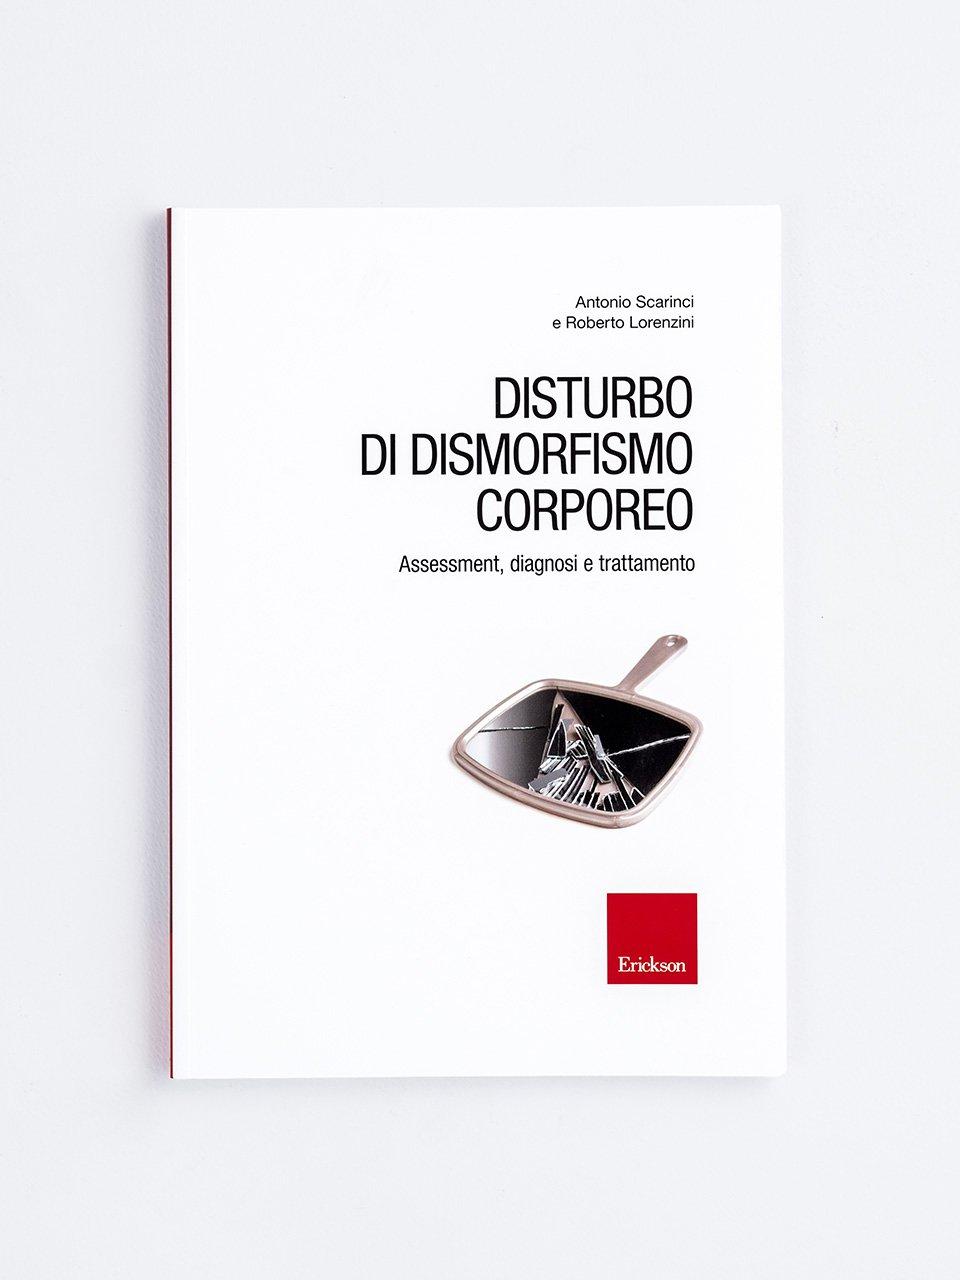 Disturbo di dismorfismo corporeo - Tengo tutto - Libri - Erickson